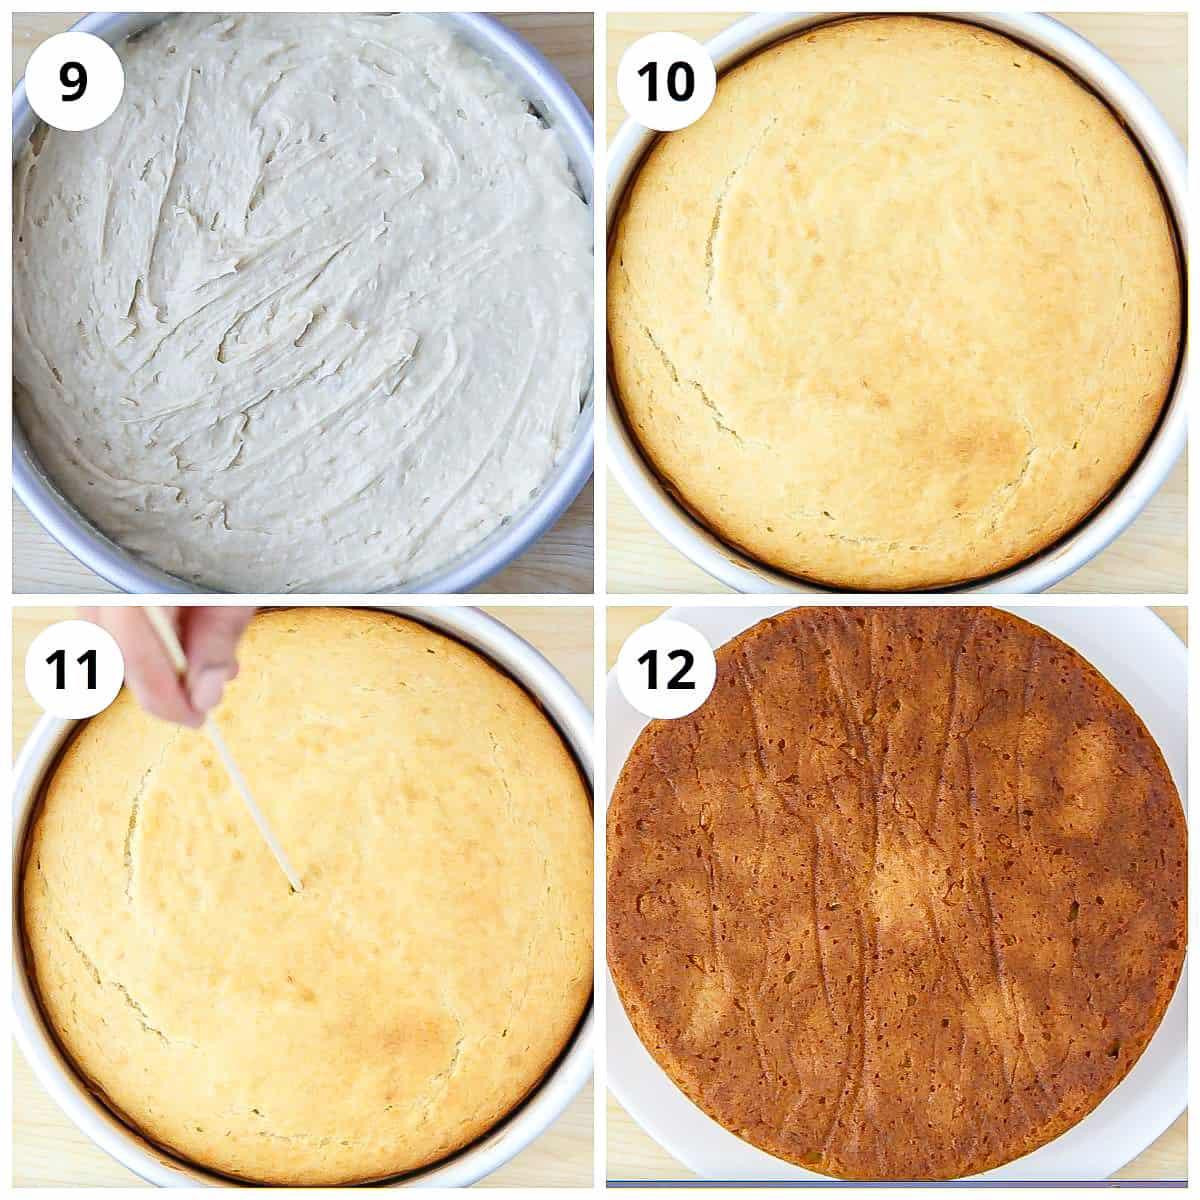 Steps for baking the eggless vanilla sponge cake